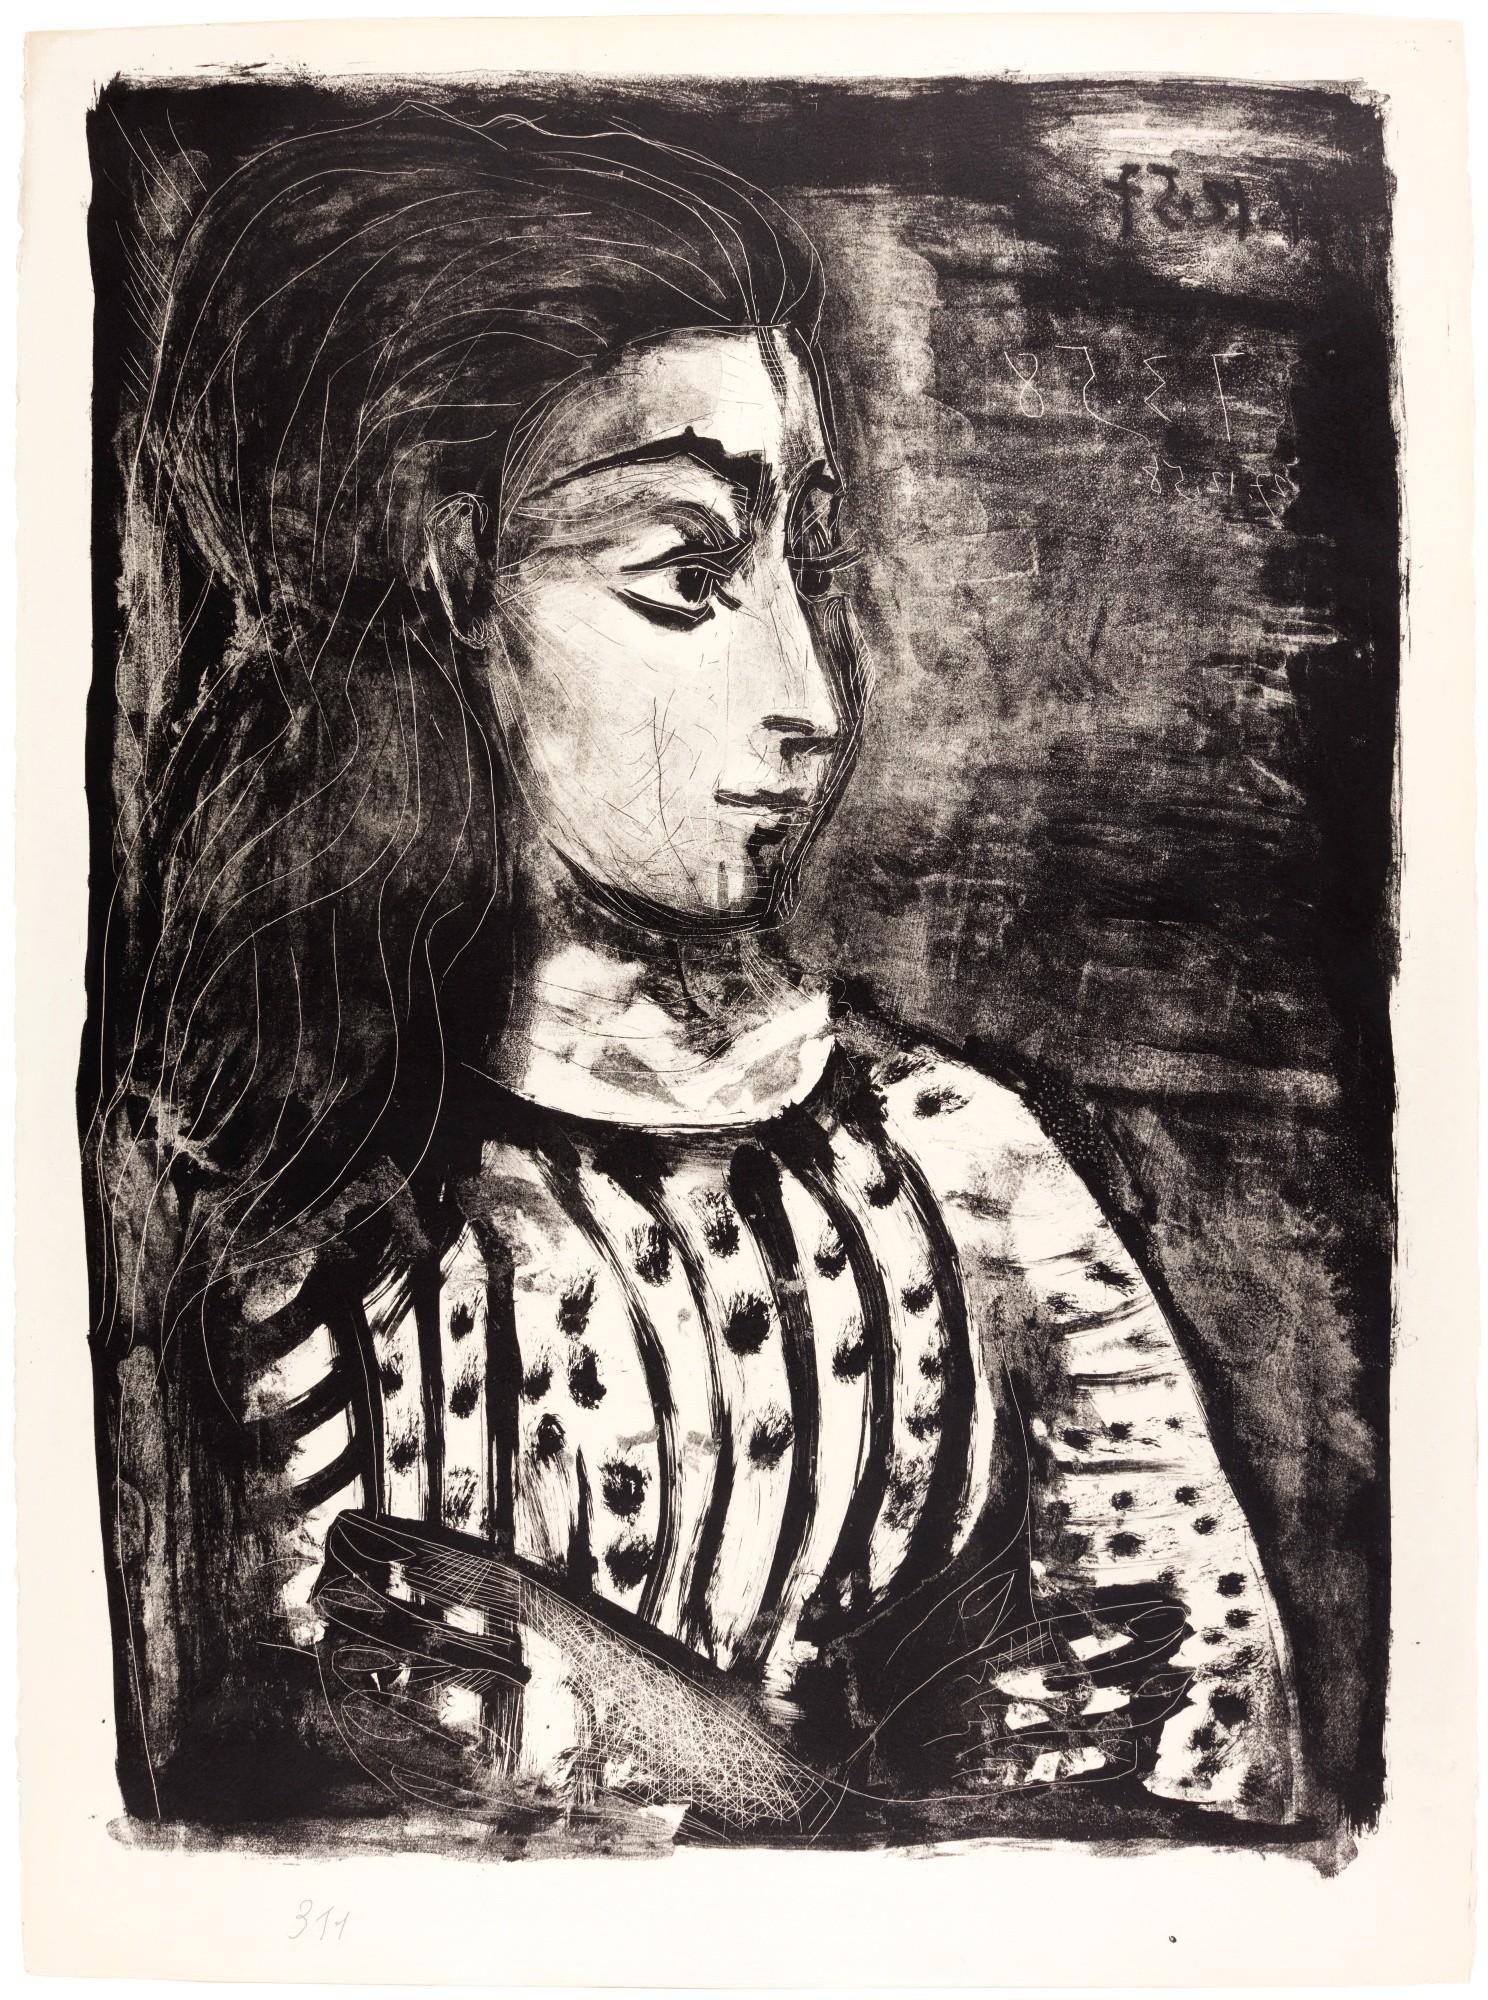 PABLO PICASSO | BUSTE DE FEMME AU CORSAGE BLANC - JACQUELINE DE PROFIL (B. 848; M. 311)